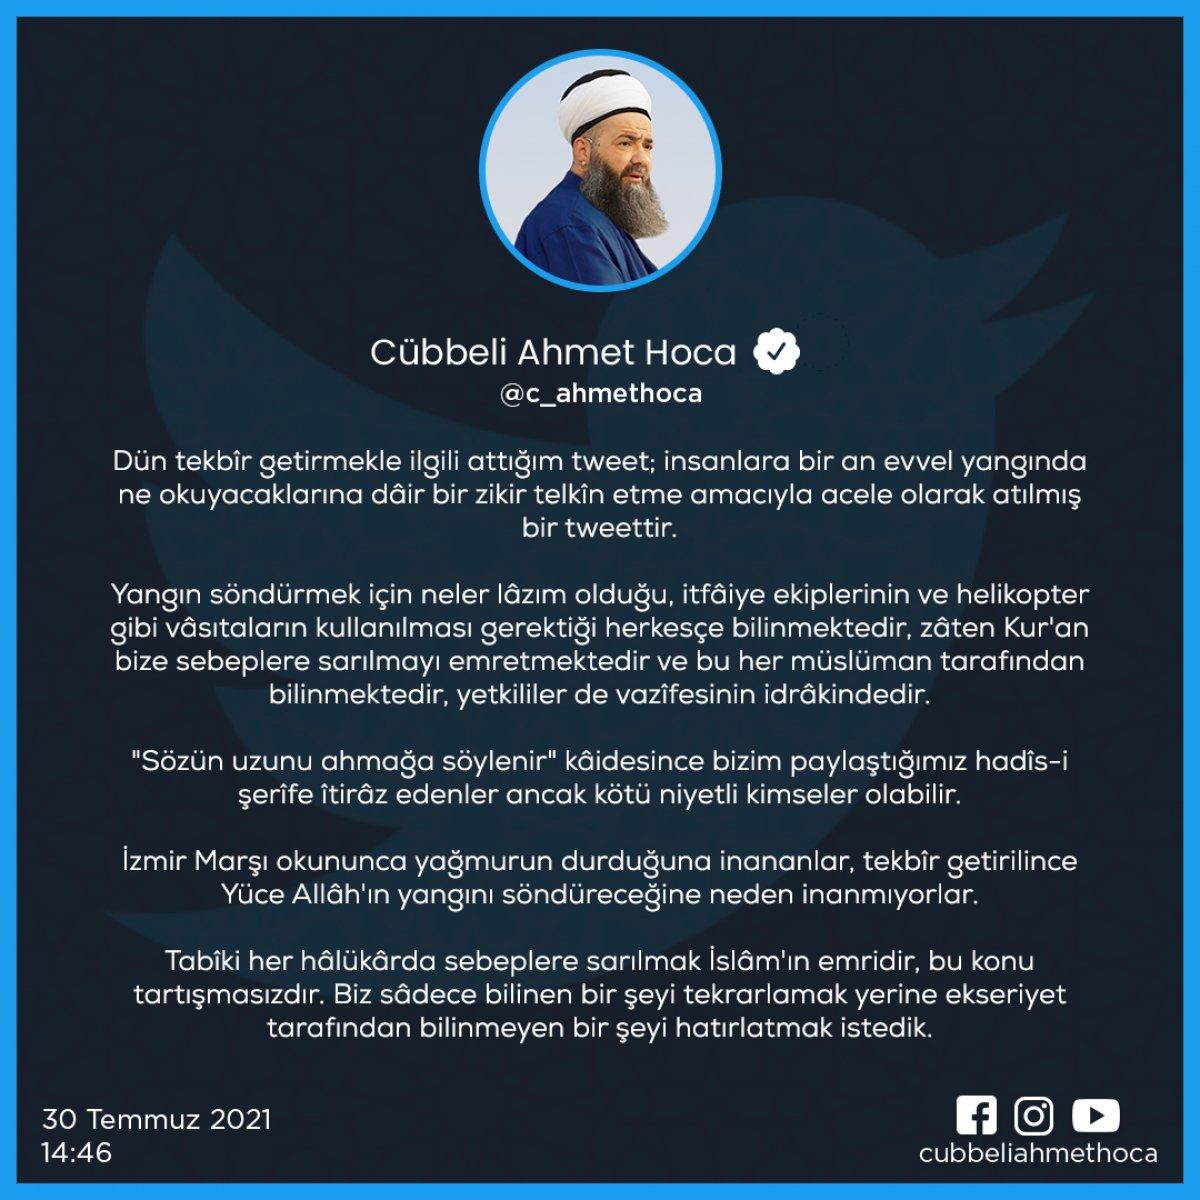 Cübbeli Ahmet'ten kendisini eleştirenlere yanıt #1